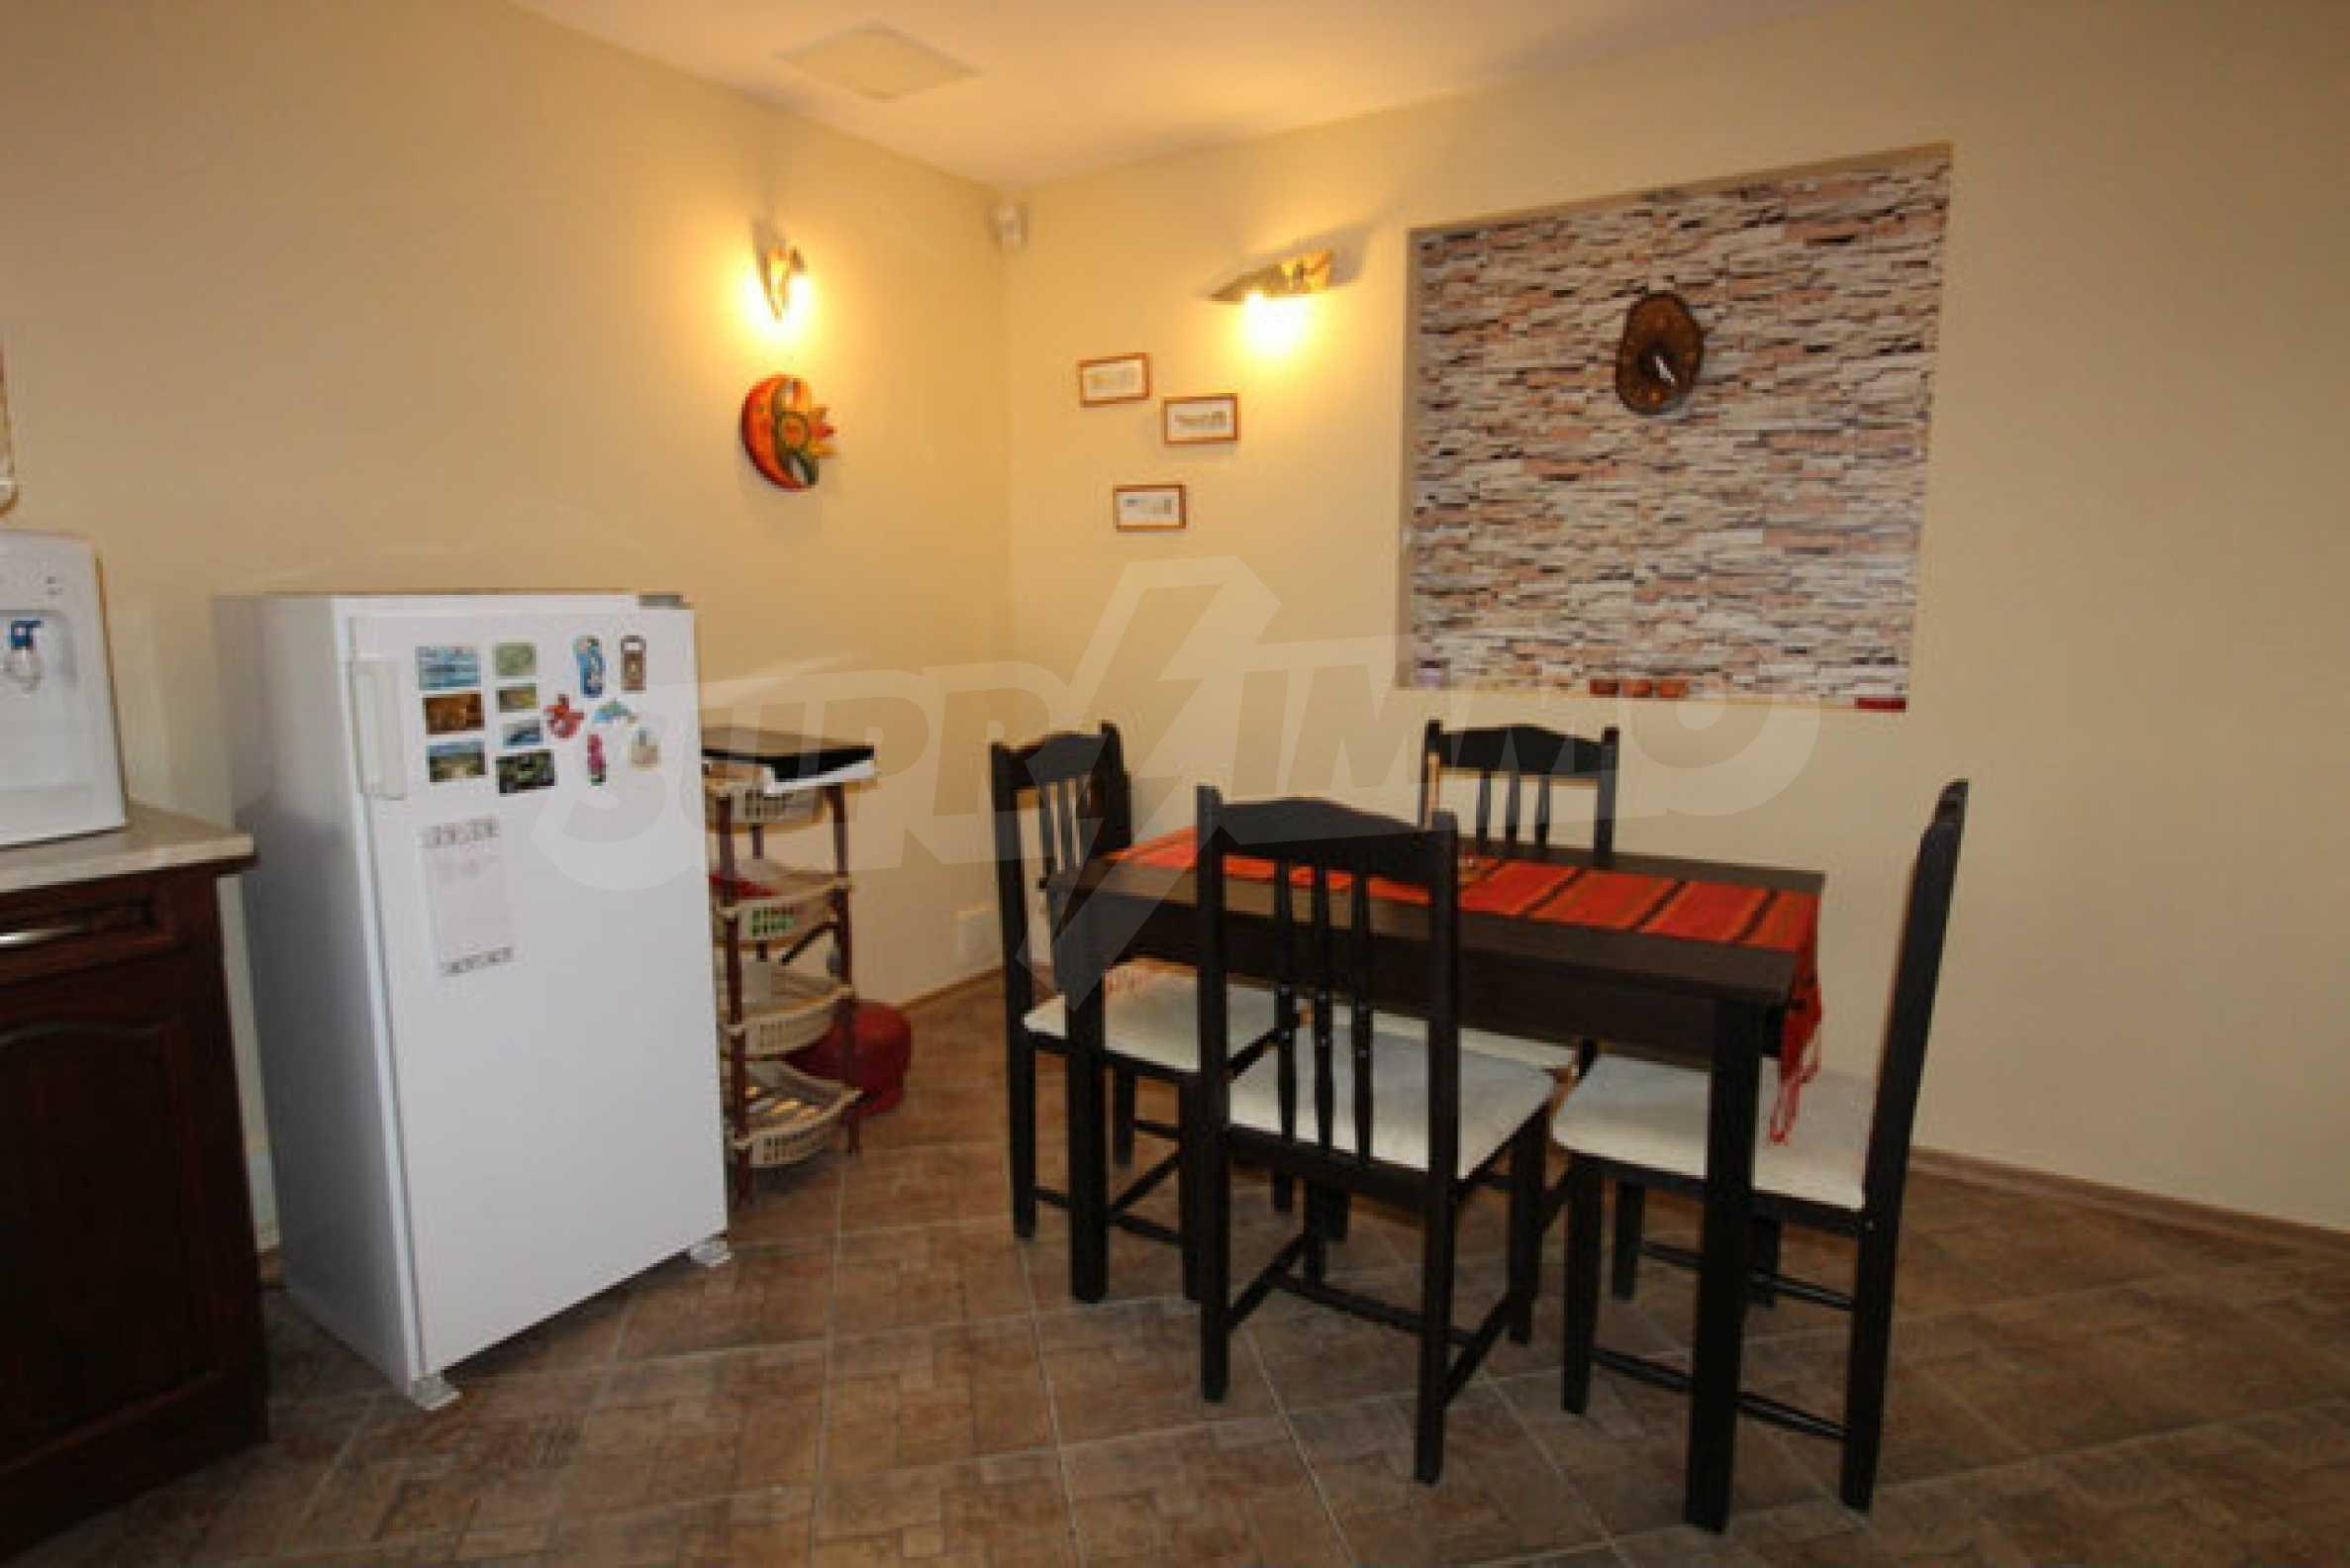 Реновирана двуетажна къща с двор само на 13 км от град Ловеч 29